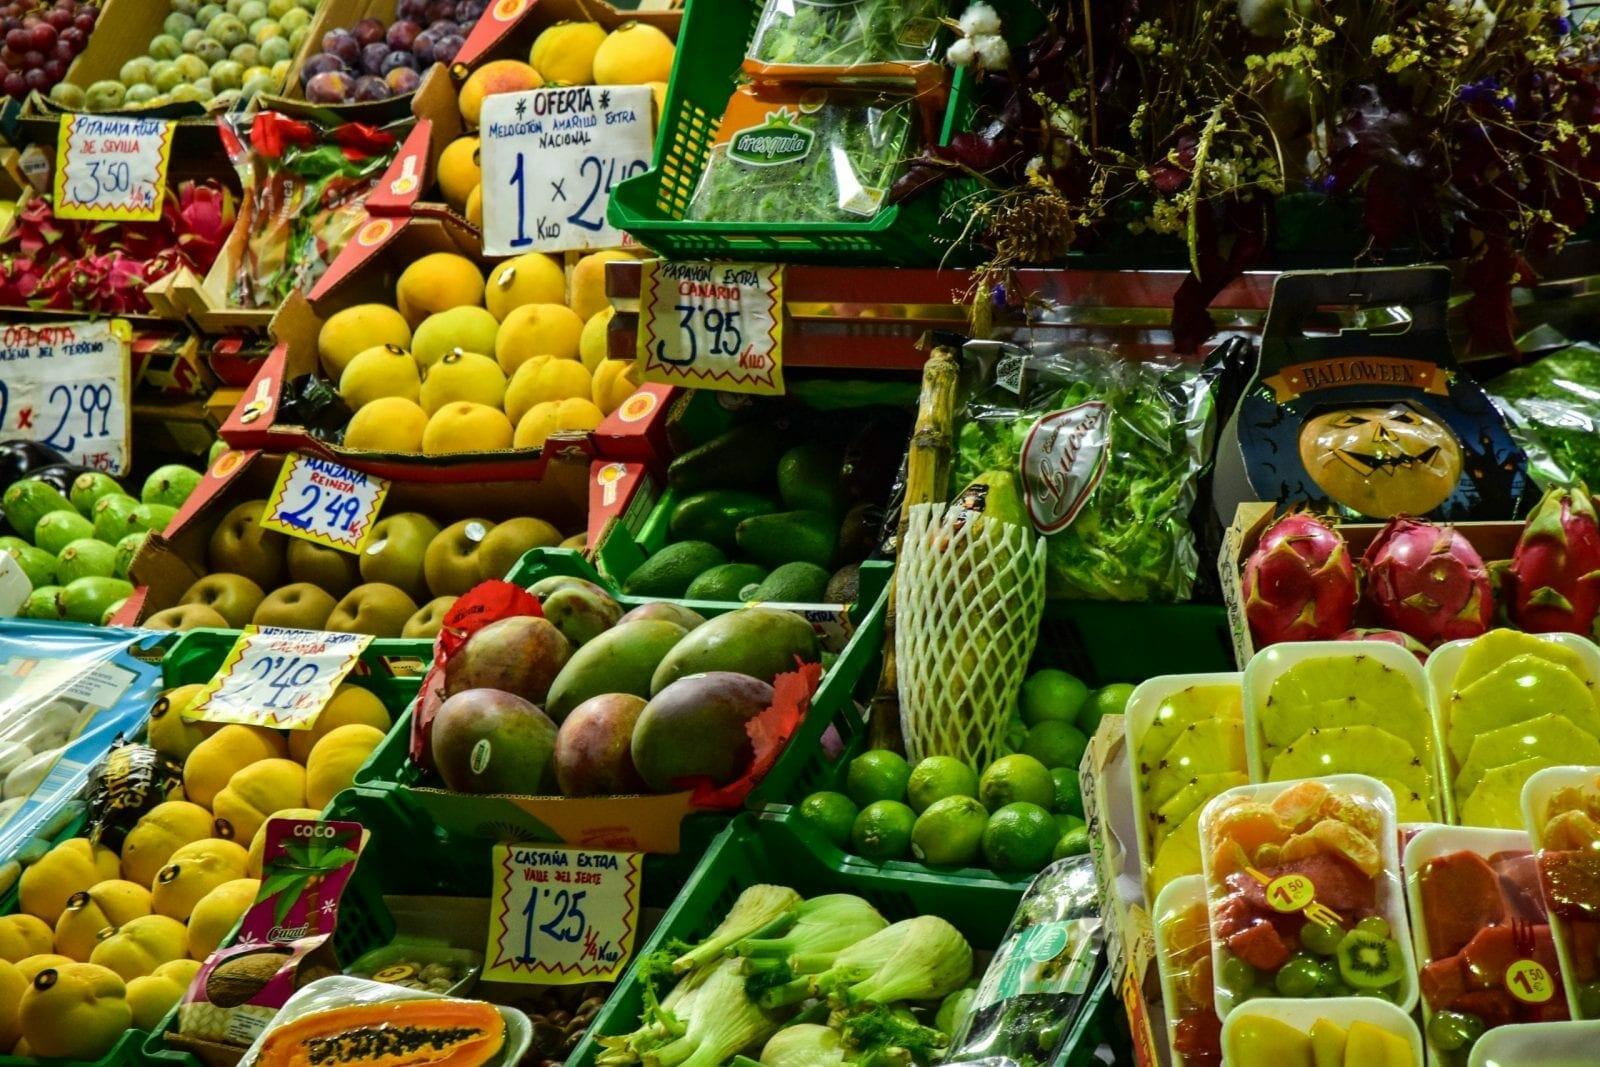 Spain market